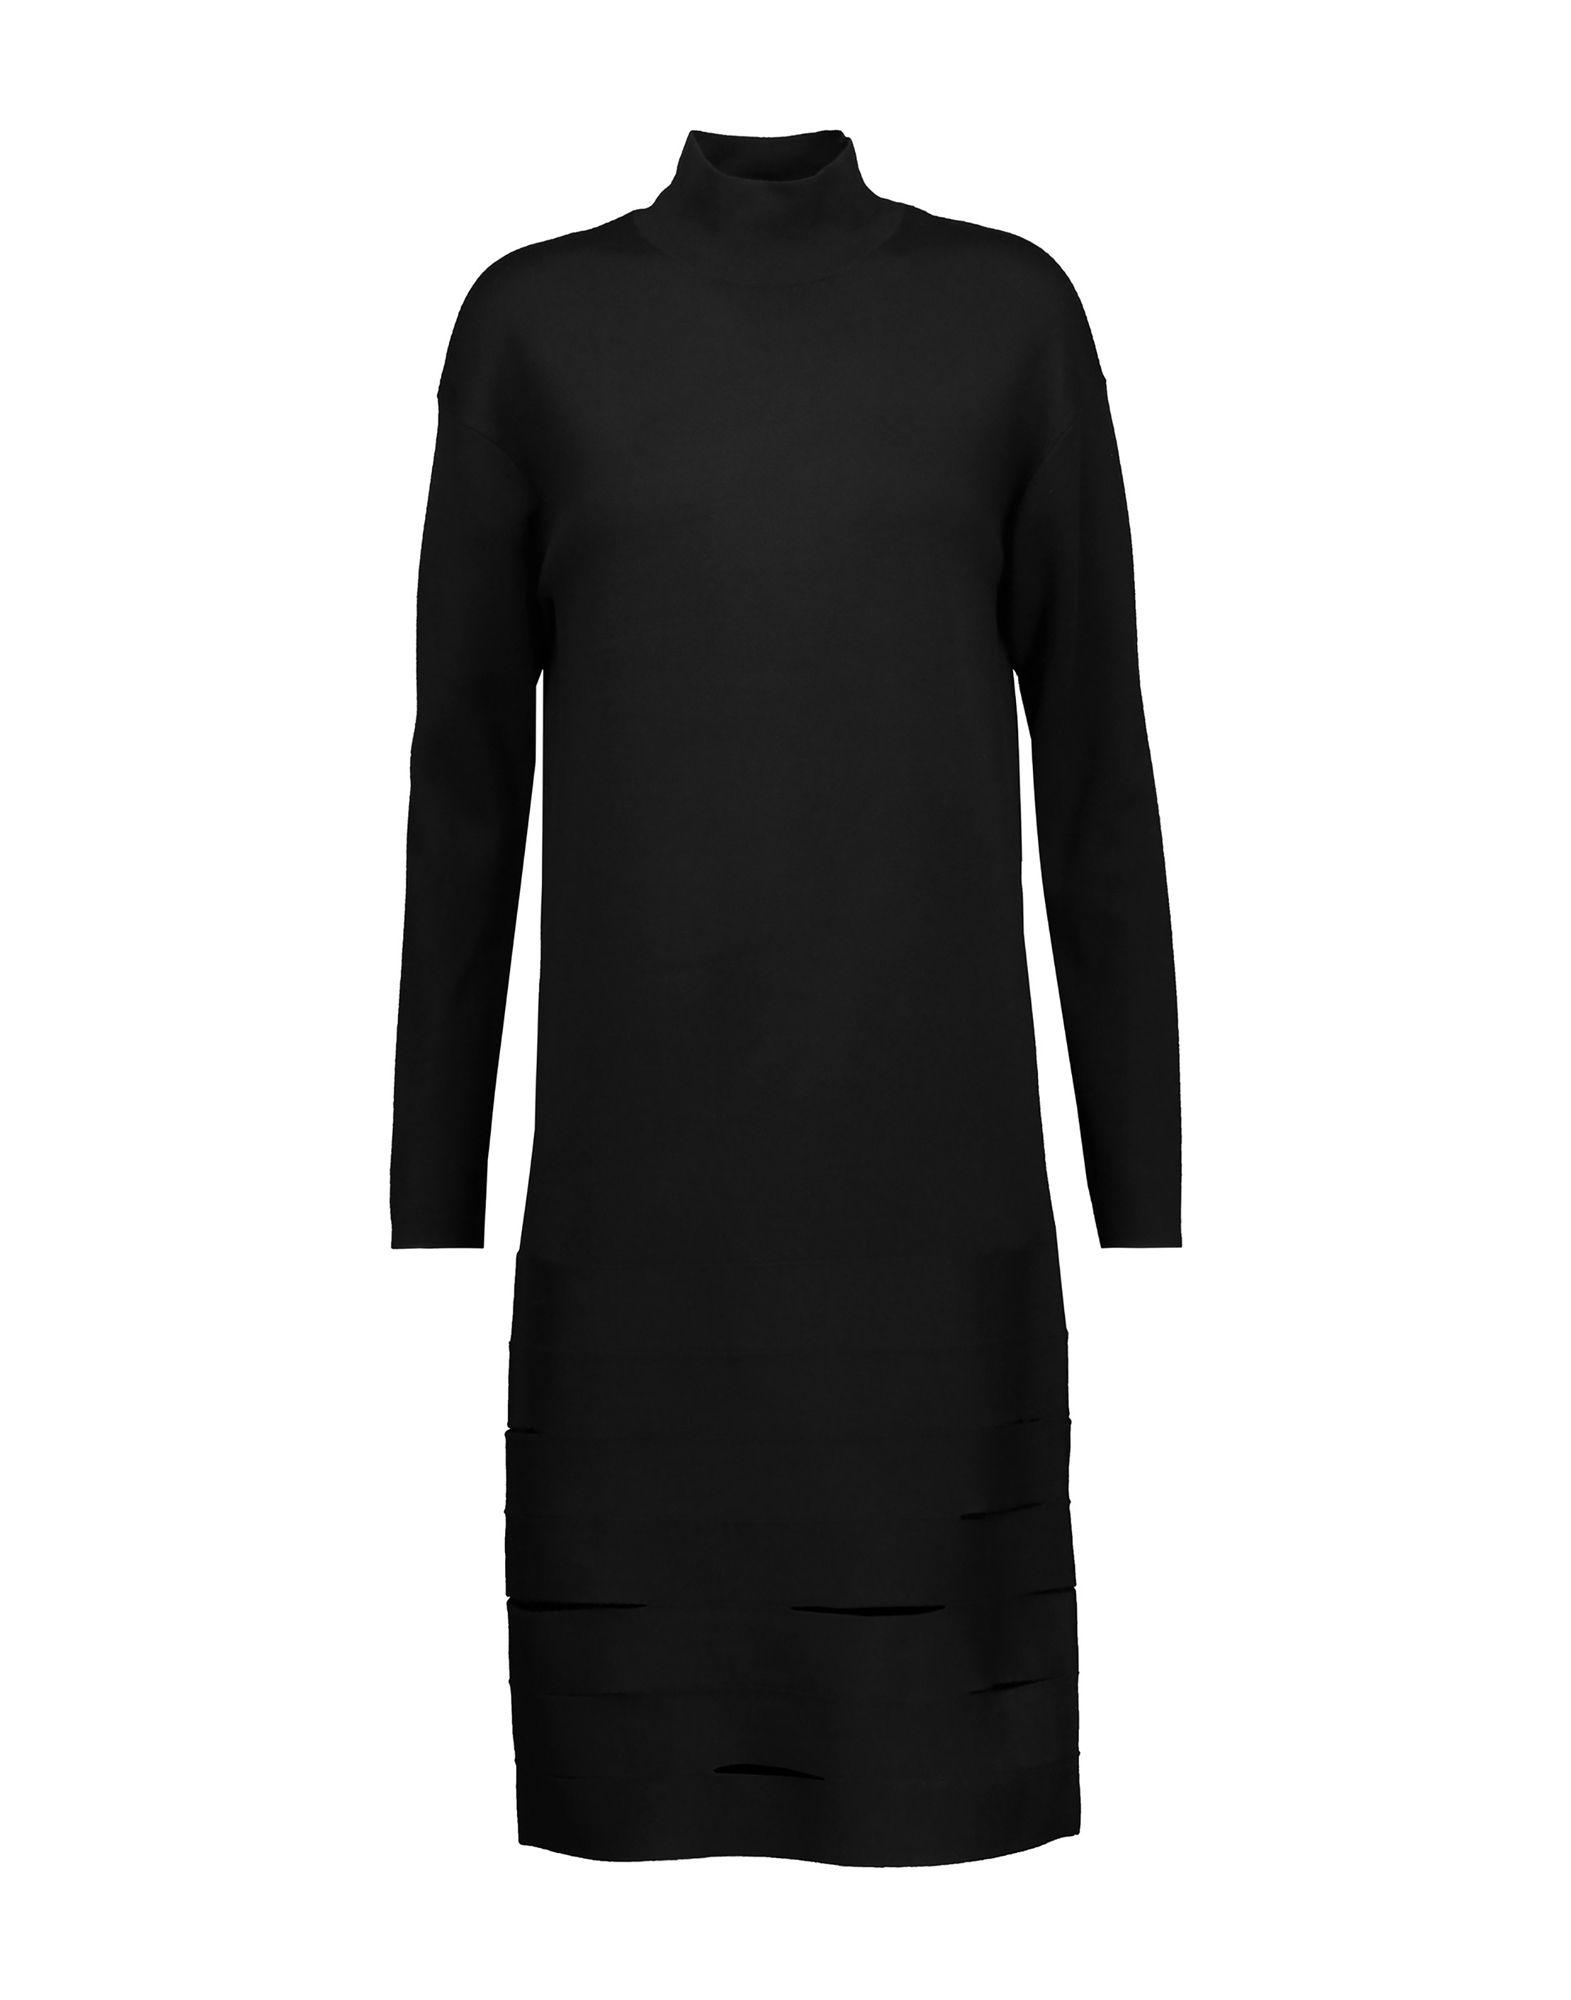 купить PROENZA SCHOULER Платье до колена по цене 50500 рублей